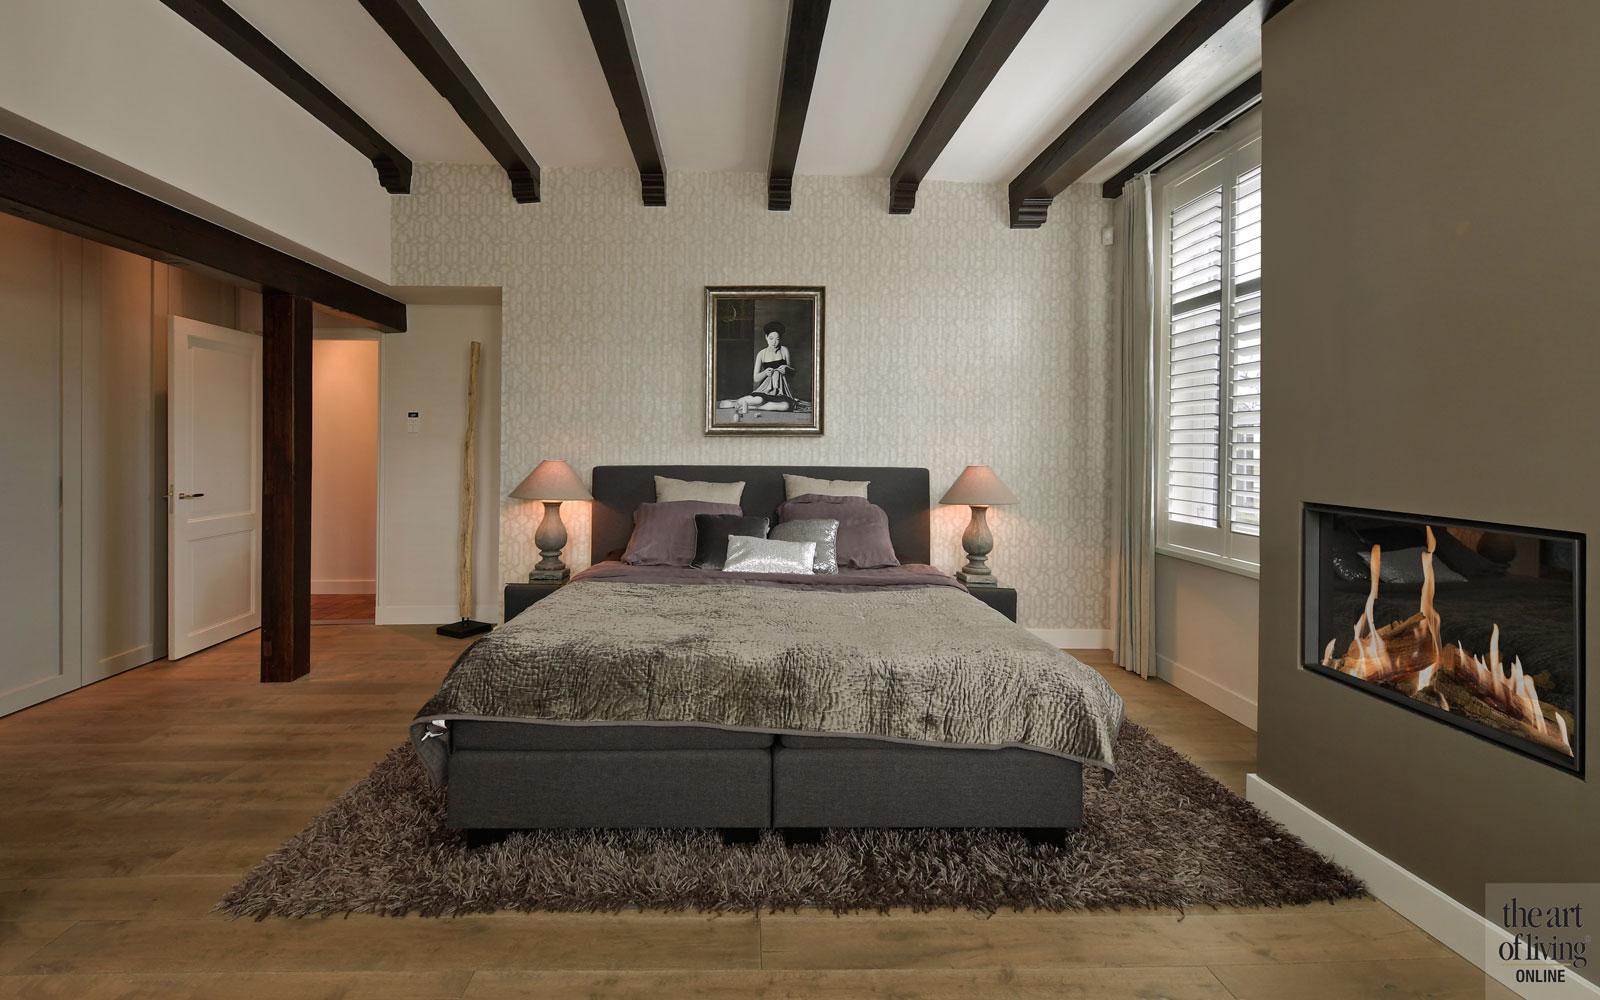 Slaapkamer, bed, master bedroom, open haard, gashard, Jens Haarden, houten vloer, landelijk, modern, Hemels Wonen